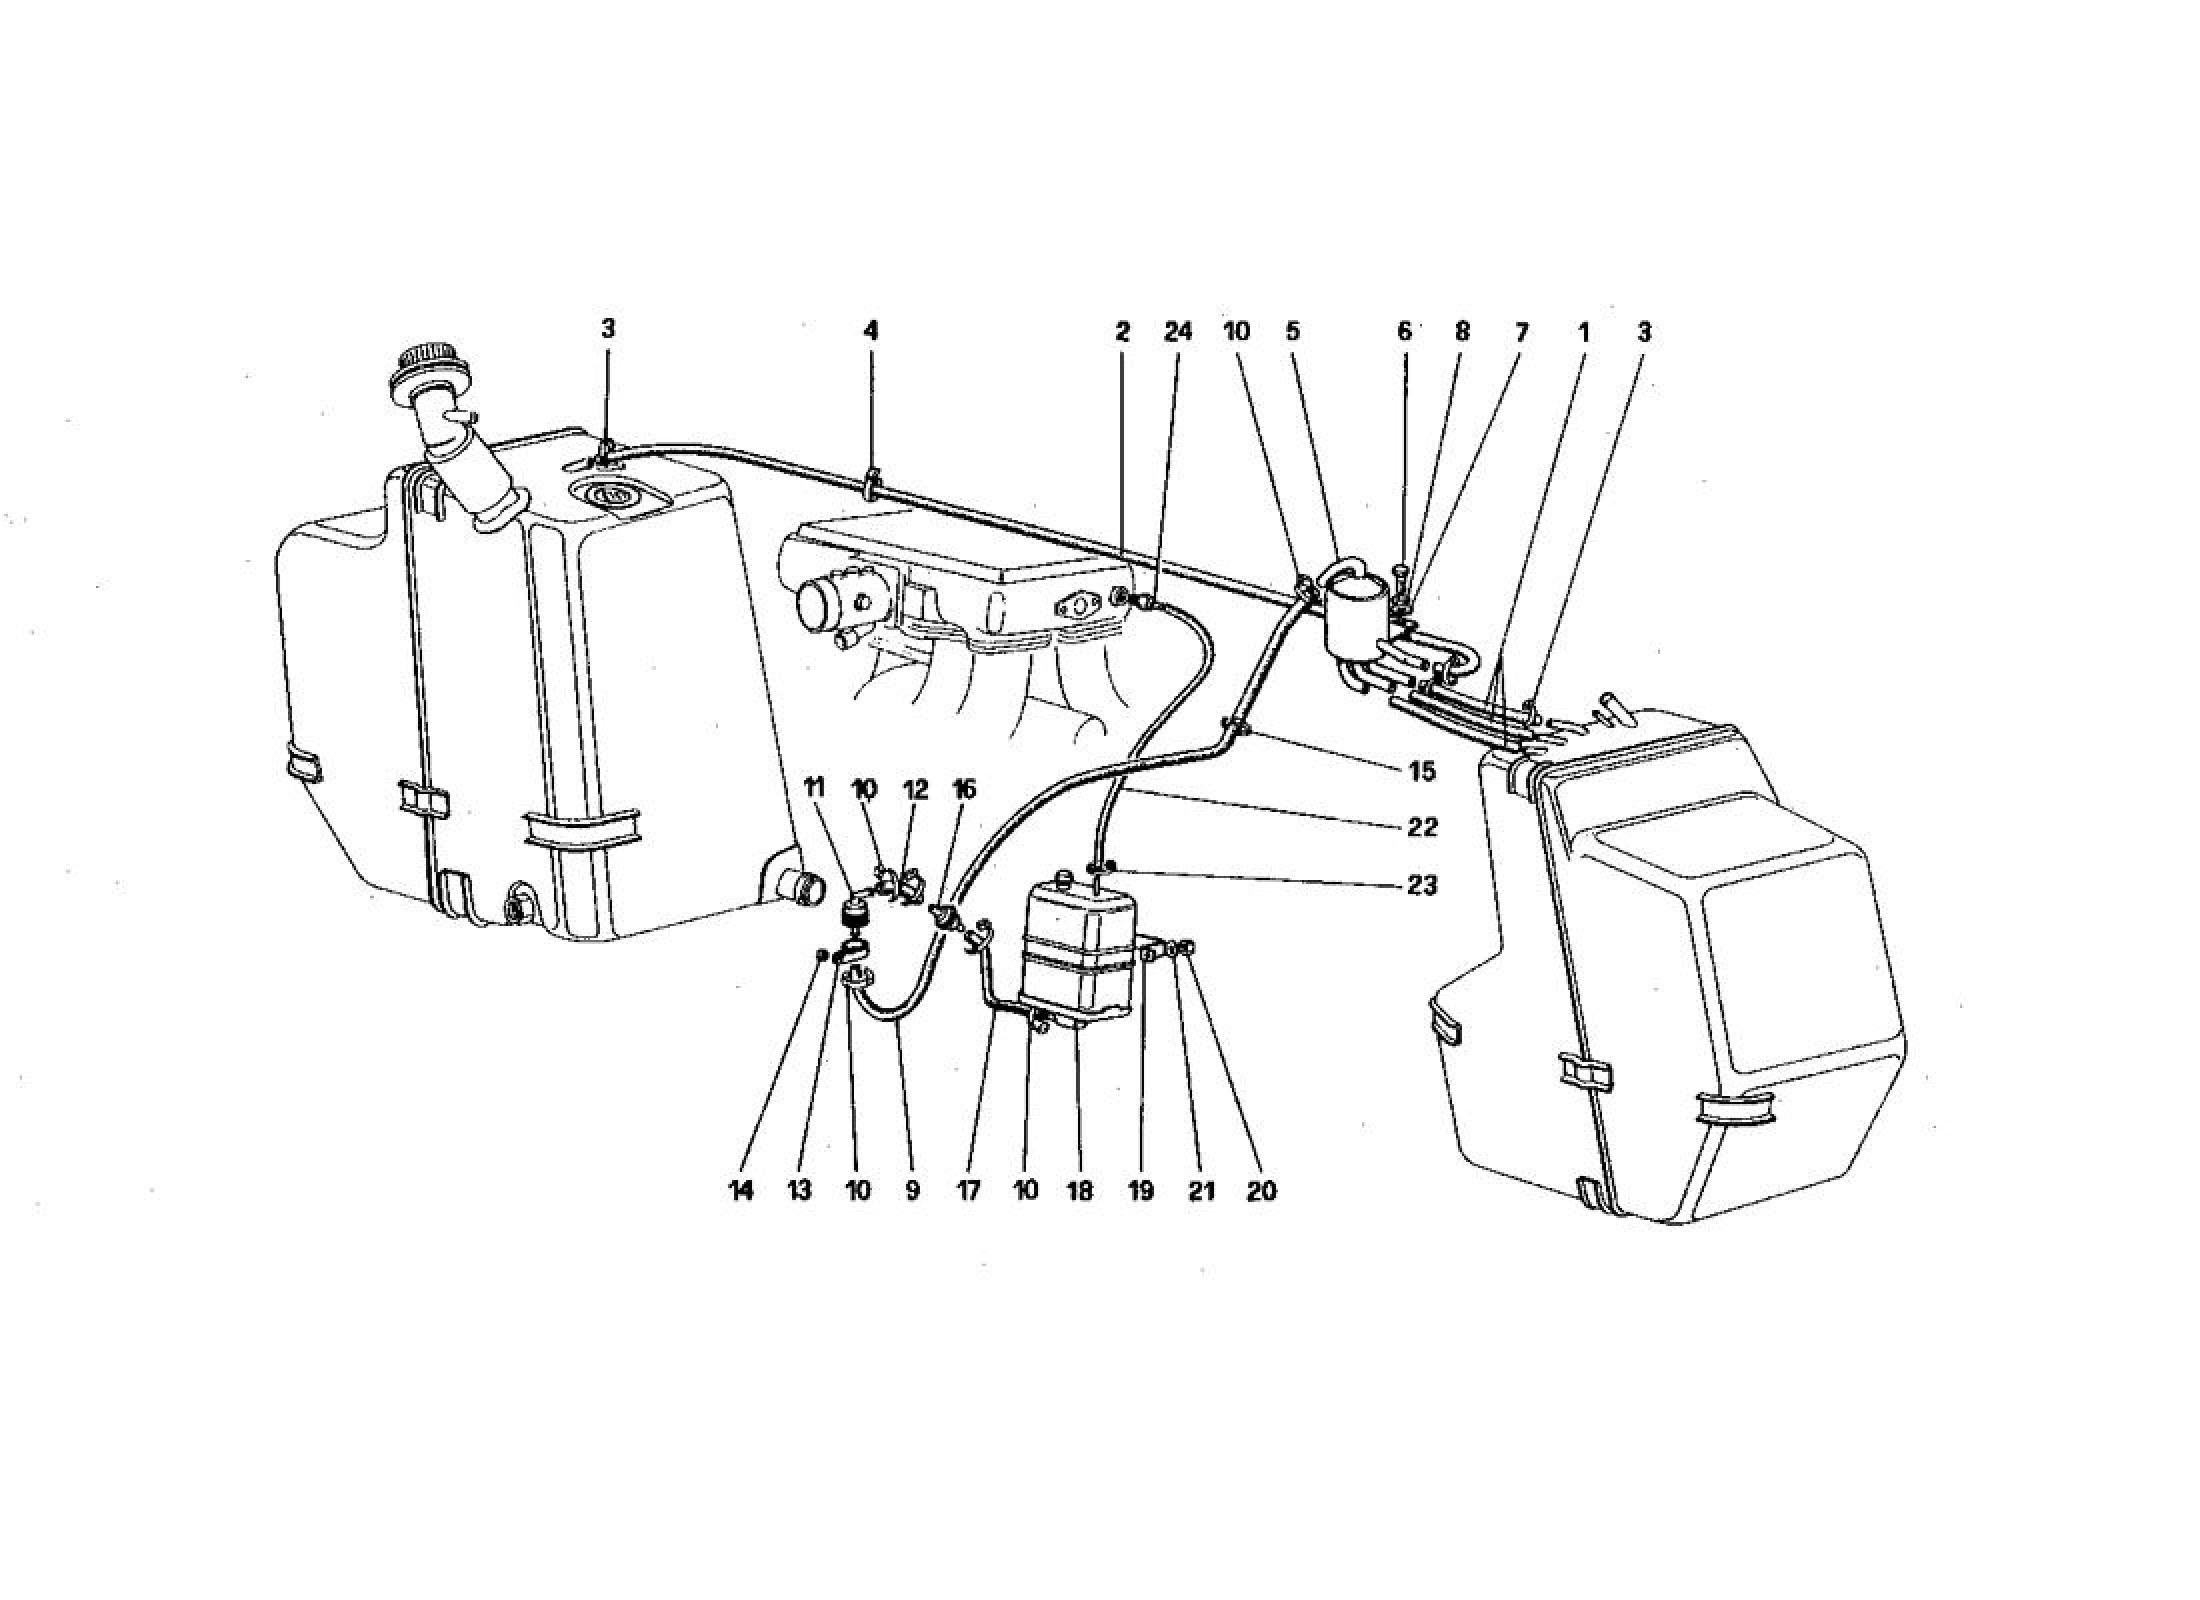 Ferrari 328 (1985) ANTIEVAPORATIVE EMISSION CONTROL SYSTEM